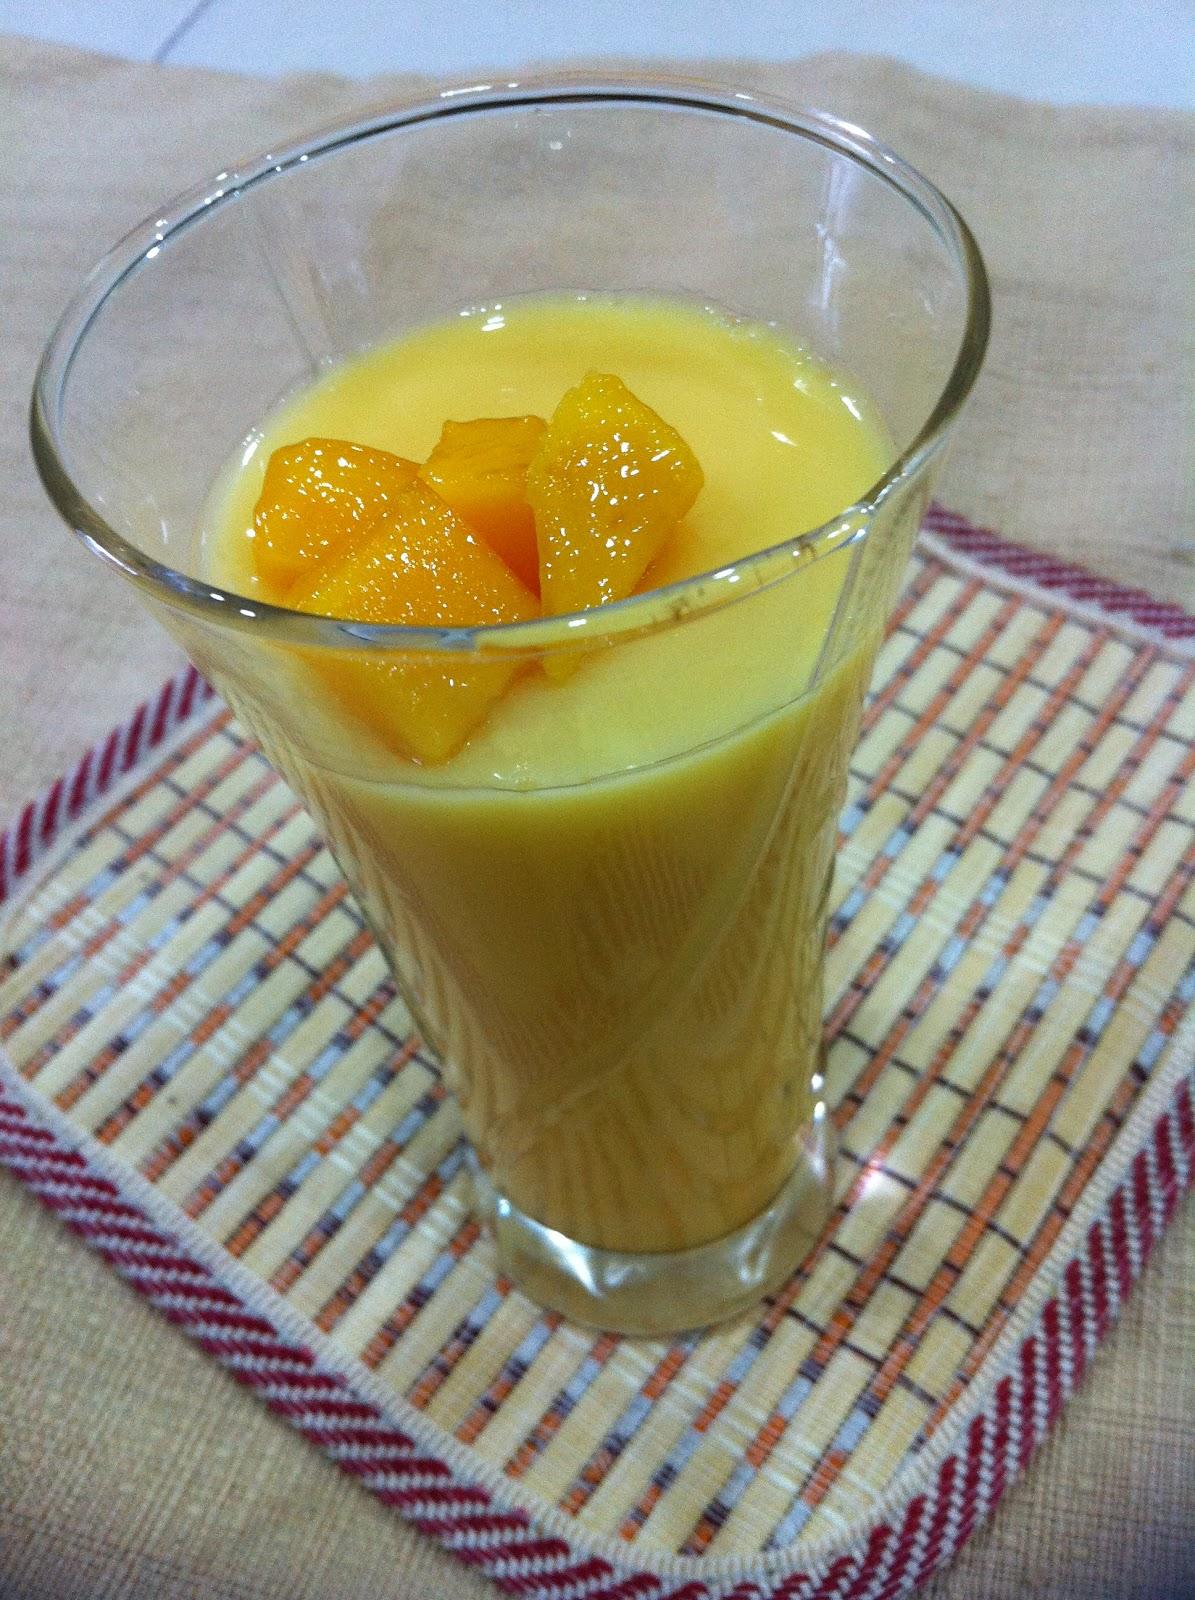 了新的布丁杯,做了这个芒果布丁。现在是芒果季节